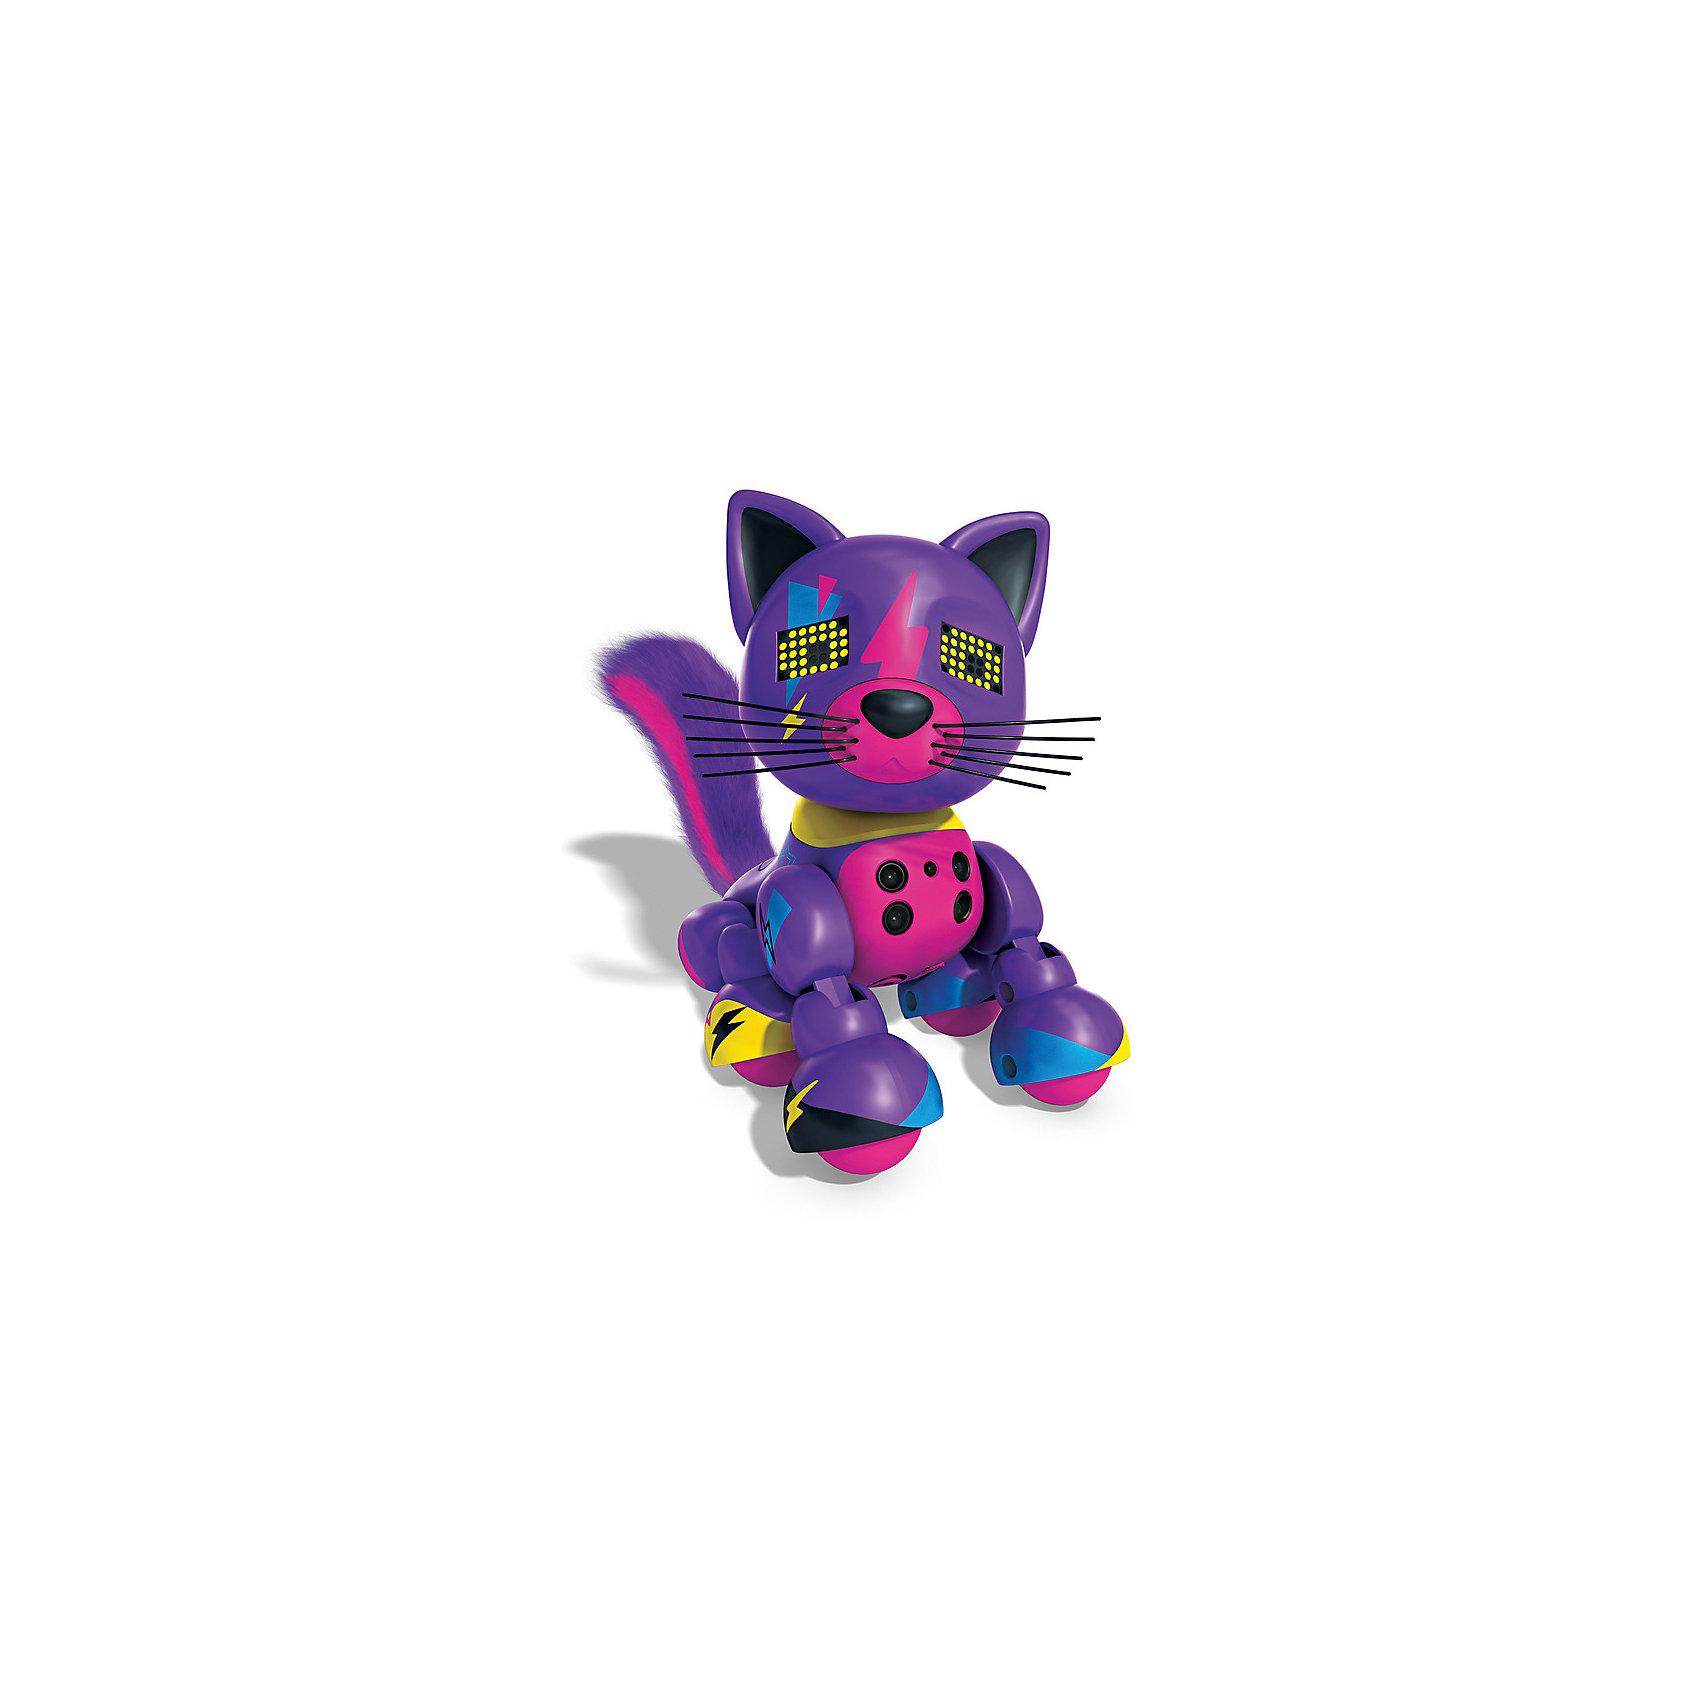 Интерактивный Котёнок, фиолетовый, ZoomerХарактеристики товара:<br><br>- цвет: фиолетовый;<br>- материал: пластик, текстиль;<br>- батарейки: 3xAG13/LR44, в комплекте;<br>- размер упаковки: 20x18x14 см;<br>- вес: 660 г;<br>- умеет реагировать на прикосновение и движение, играет в различные игры, произносит звуки.<br><br>Такая игрушка в виде котенка поможет ребенку весело проводить время - он умеет реагировать на прикосновение и движение, играет в различные игры, произносит звуки. Это выглядит очень забавно! Игрушка реагирует на движения благодаря сенсорам и ИК-порту, также у неё можно активировать подсветку глаз.<br>Этот котенок способен помогать всестороннему развитию ребенка: развивать тактильное восприятие, мелкую моторику, воображение, внимание и логику. Изделие произведено из качественных проверенных материалов, безопасных для малышей. Котенок станет отличным подарком детям!<br><br>Игрушку Интерактивный Котёнок, фиолетовый, от бренда Zoomer можно купить в нашем интернет-магазине.<br><br>Ширина мм: 215<br>Глубина мм: 180<br>Высота мм: 135<br>Вес г: 532<br>Возраст от месяцев: 36<br>Возраст до месяцев: 2147483647<br>Пол: Унисекс<br>Возраст: Детский<br>SKU: 5140253